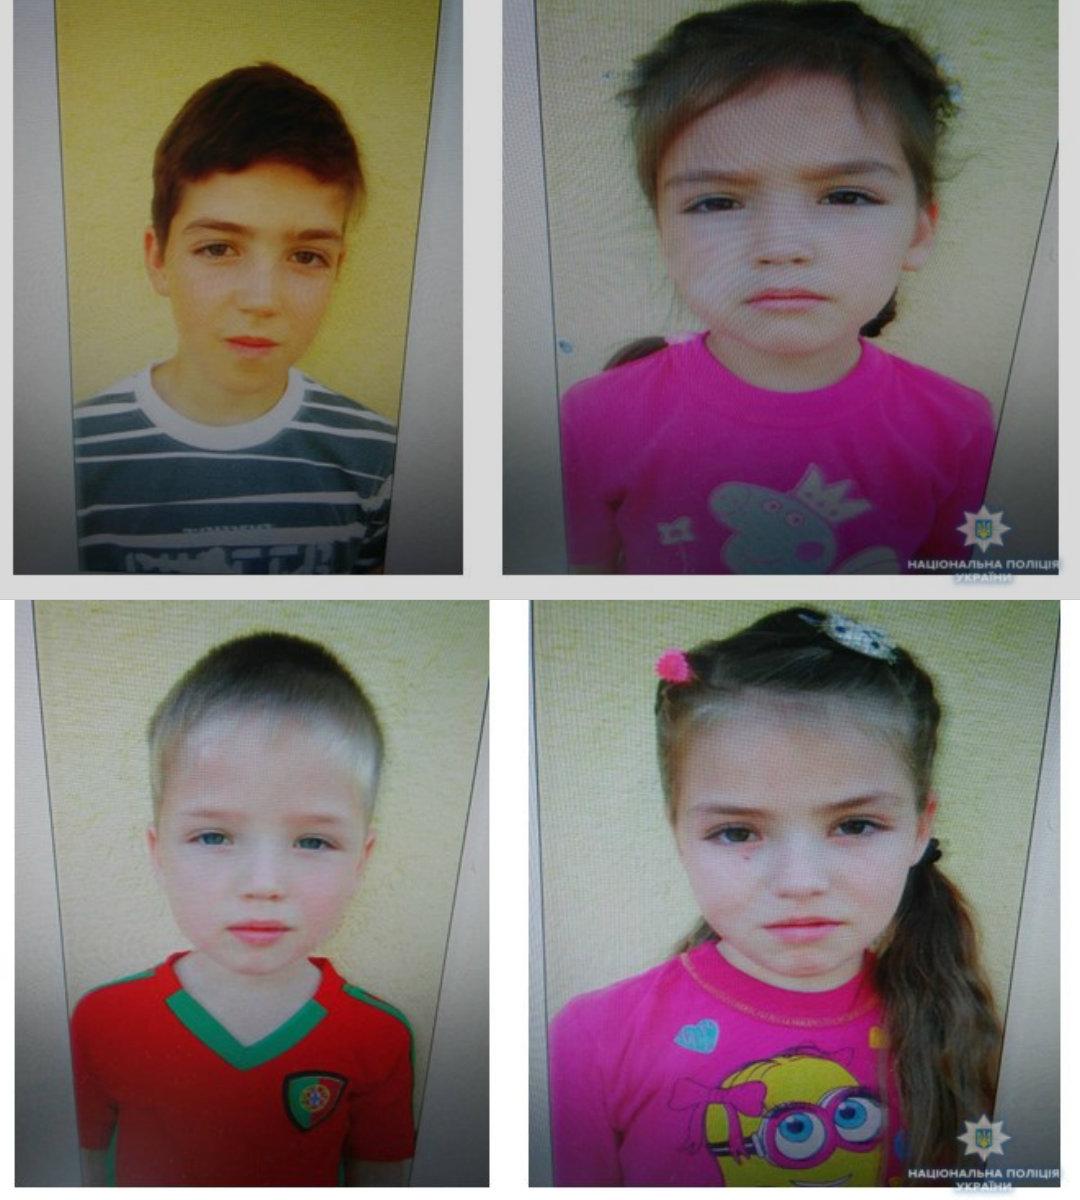 Четверых детей похитили их родители